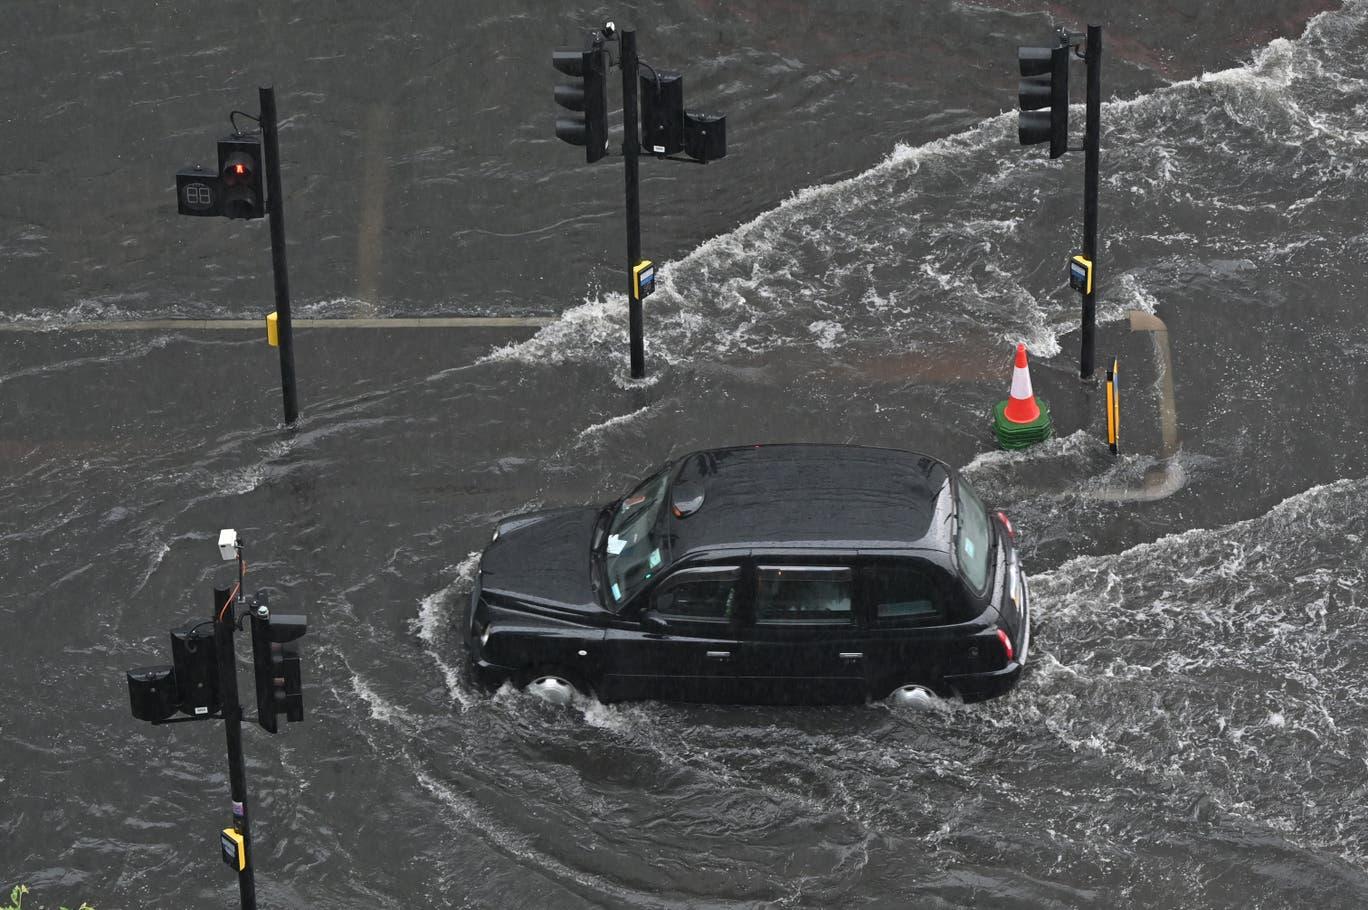 black-cab-flood.jpeg